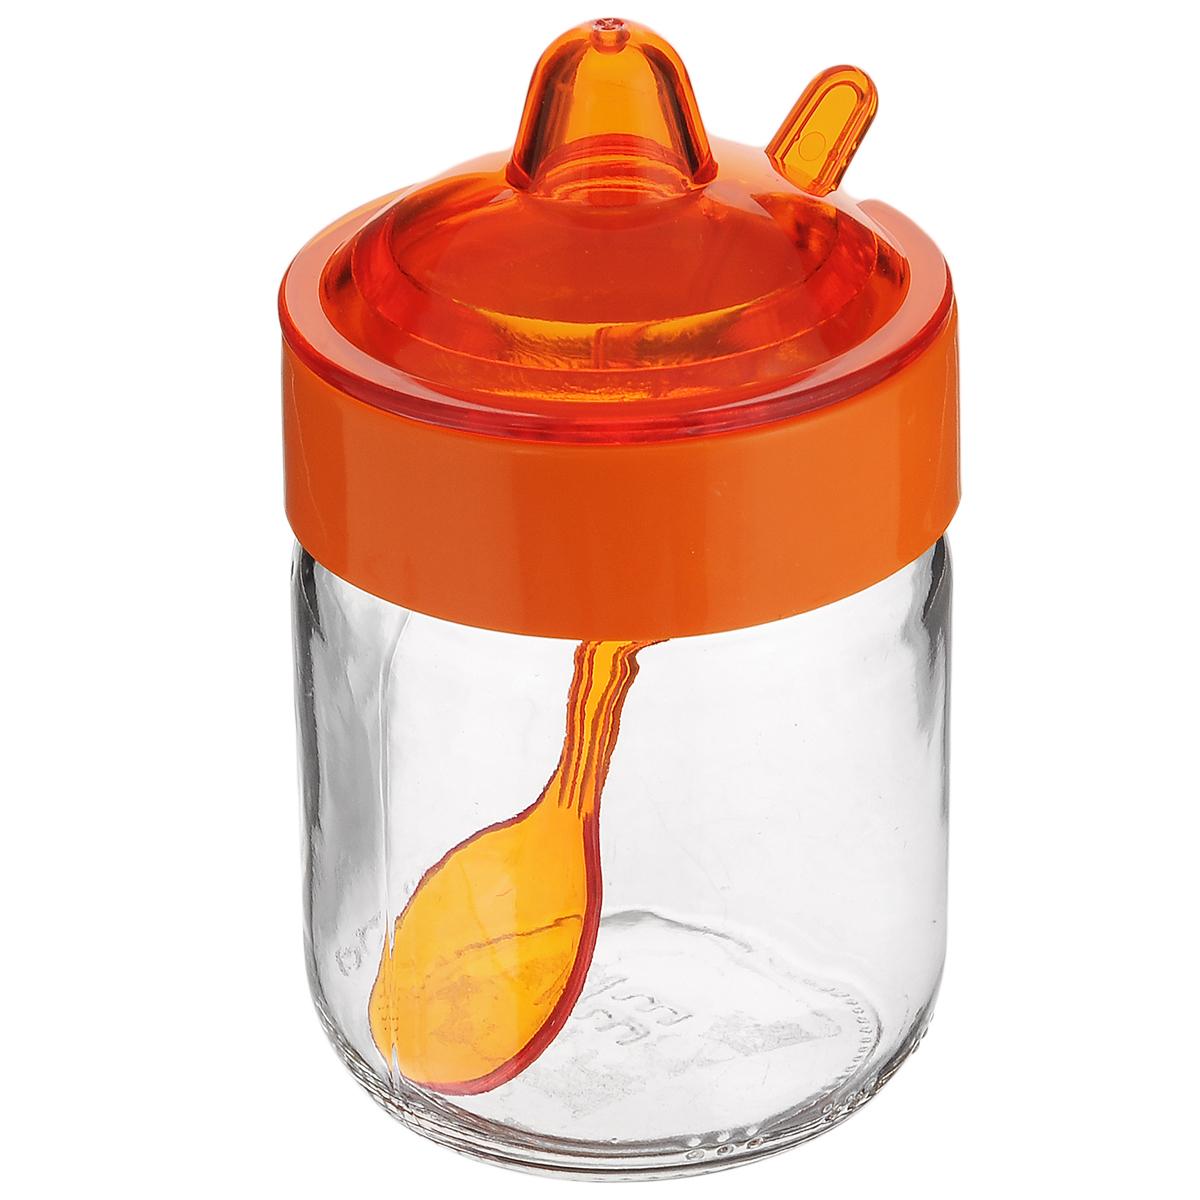 Емкость для соуса Herevin, с ложкой, цвет: оранжевый, 200 мл131505-000_оранжевыйЕмкость для соуса Herevin изготовлена из прочного стекла. Банка оснащенапластиковой крышкой иложкой. Изделие предназначено для хранения различных соусов.Функциональная и вместительная, такая банка станет незаменимым аксессуаромна любой кухне.Можно мыть в посудомоечной машине. Пластиковые части рекомендуется мытьвручную. Диаметр (по верхнему краю): 5,5 см. Высота банки (без учета крышки): 8,5 см.Длина ложки: 11 см.